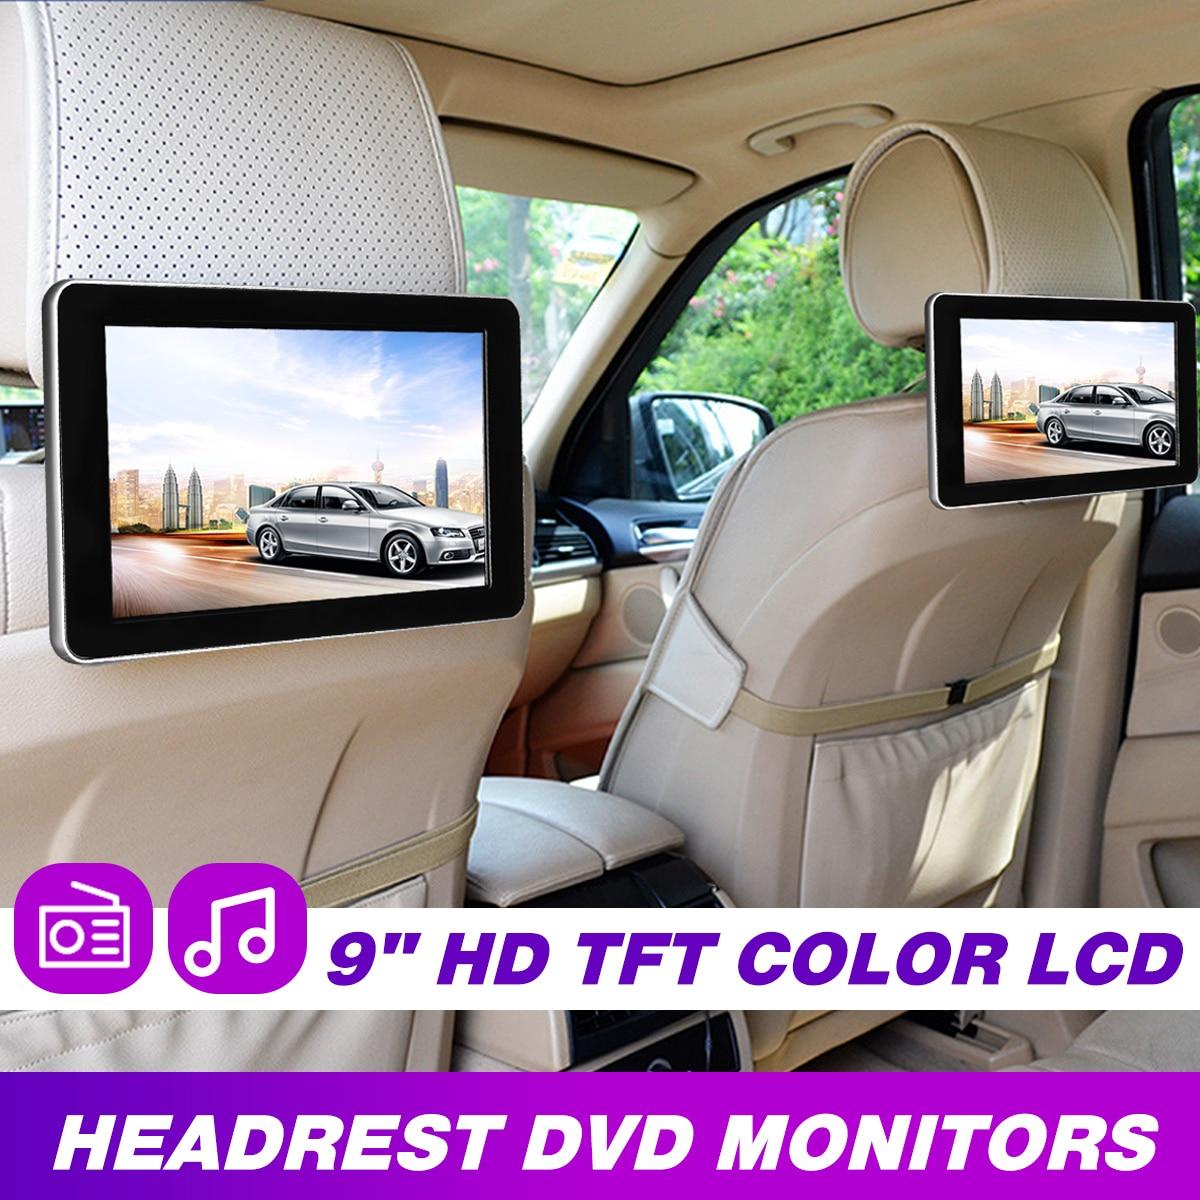 9 дюймов Автомобильный HD подголовник аудио монитор TFT цветной ЖК-дисплей цифровой экран AV вход радио Поддержка резервного копирования камеры DVD плеер